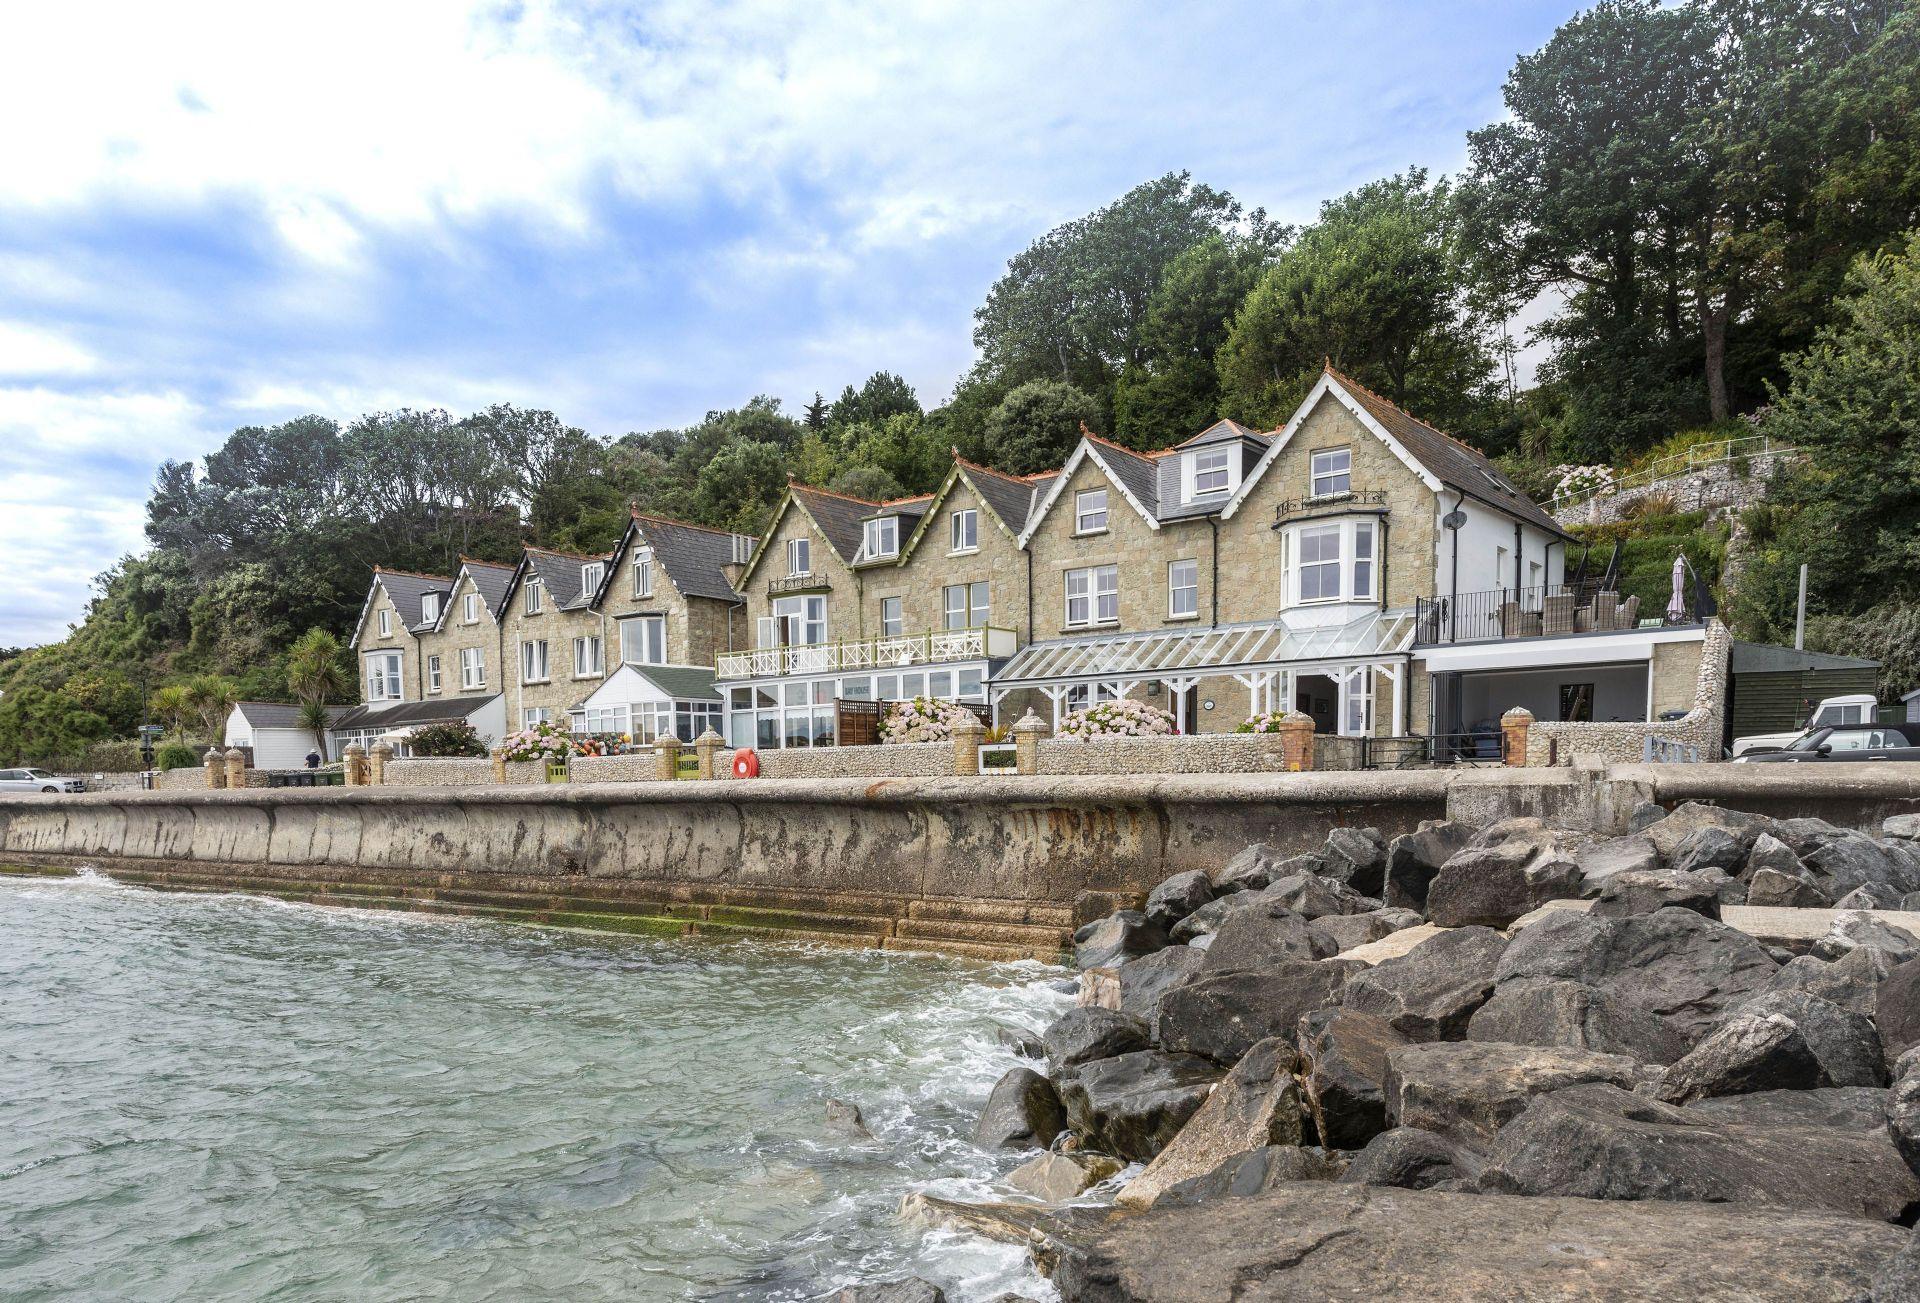 Dorset - Holiday Cottage Rental